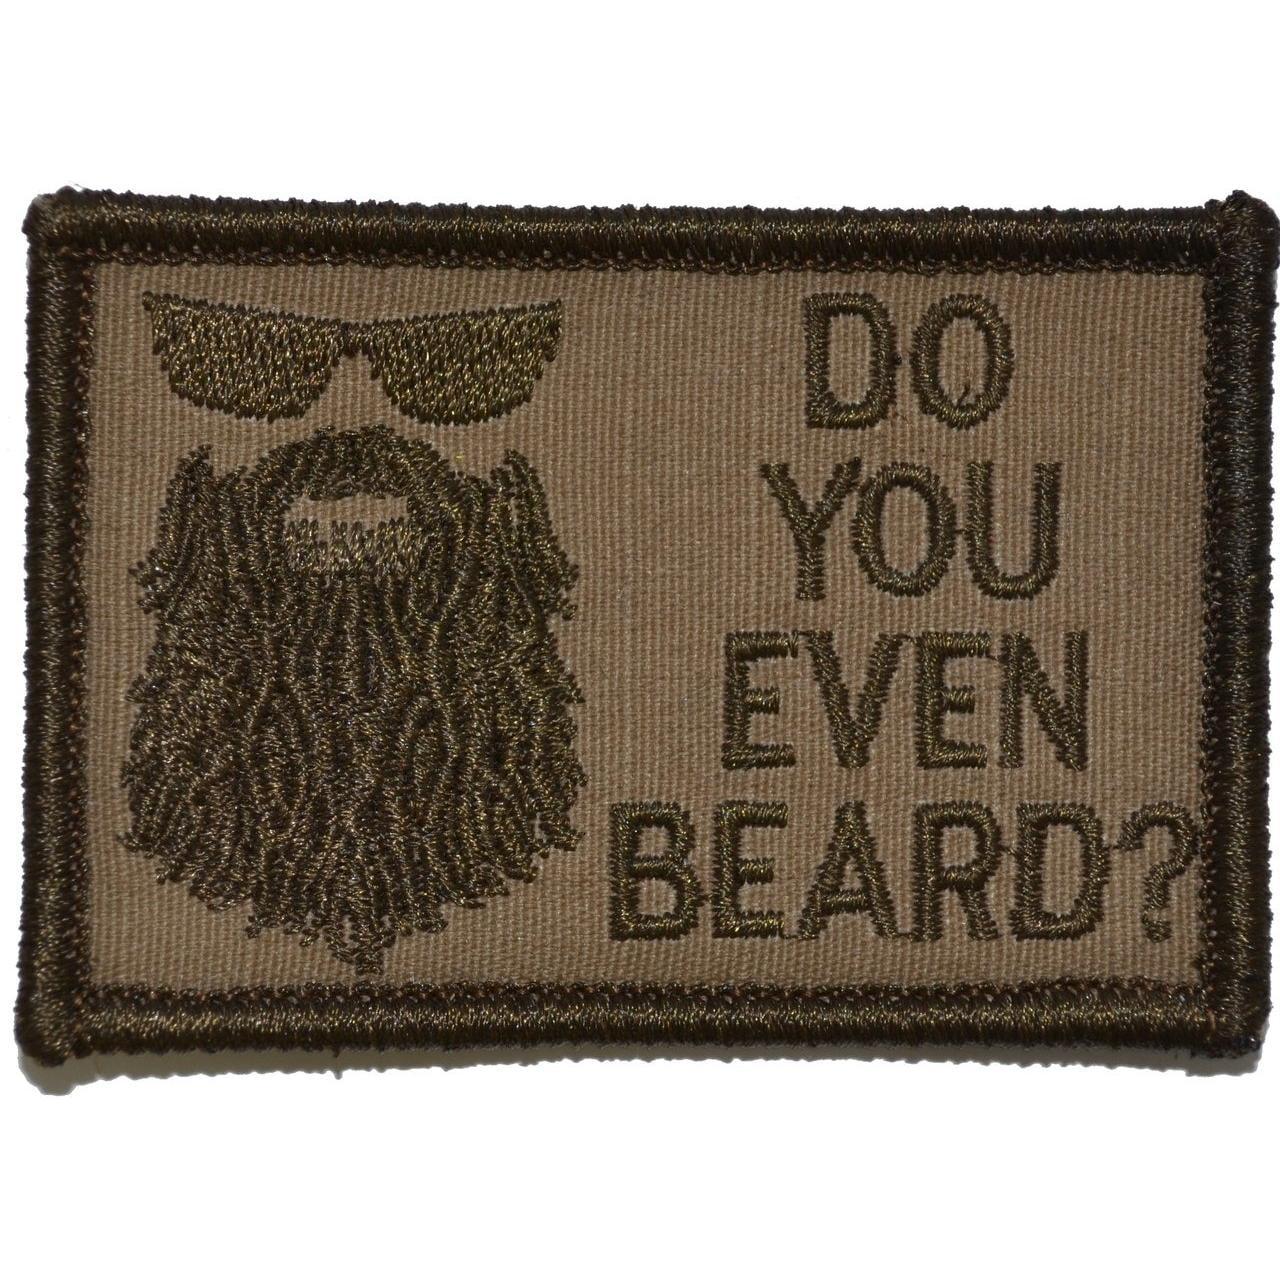 Do You Even Beard? - 2x3 Patch